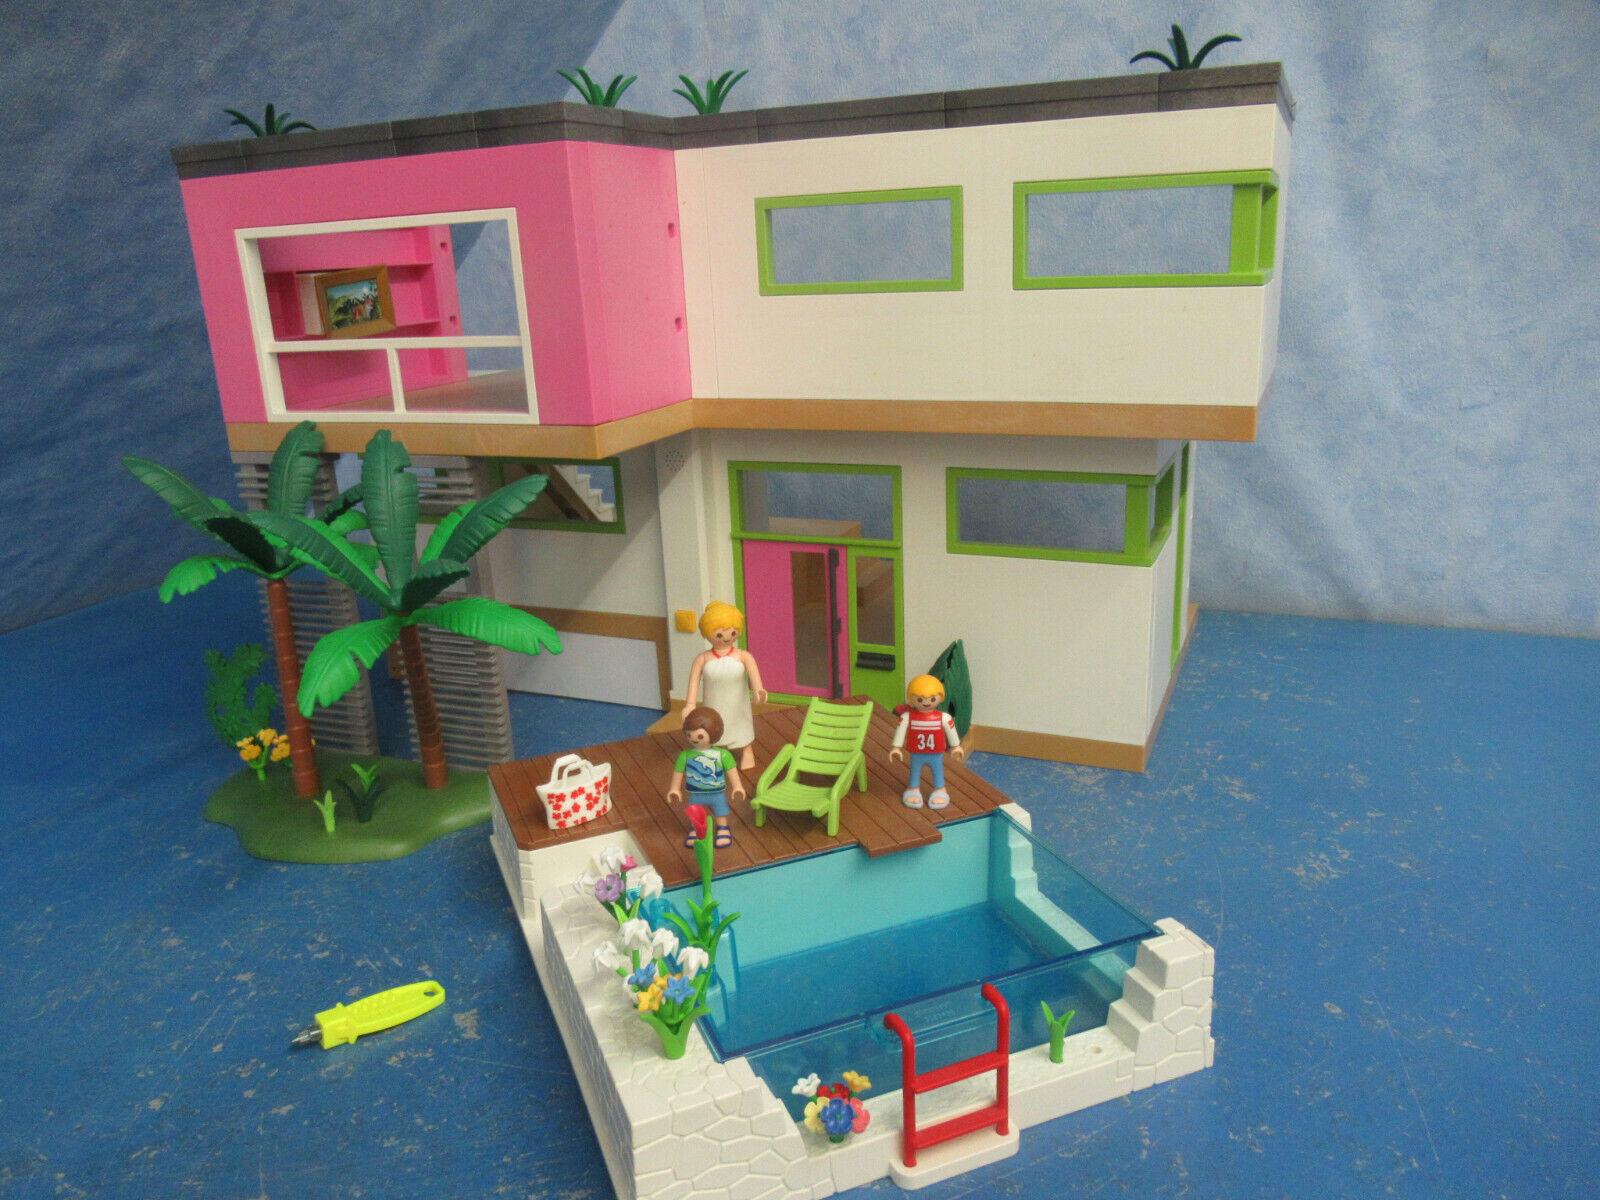 5574 Luxe Villa + 5575 piscine habitation V chambre sonnette Playmobil 7909